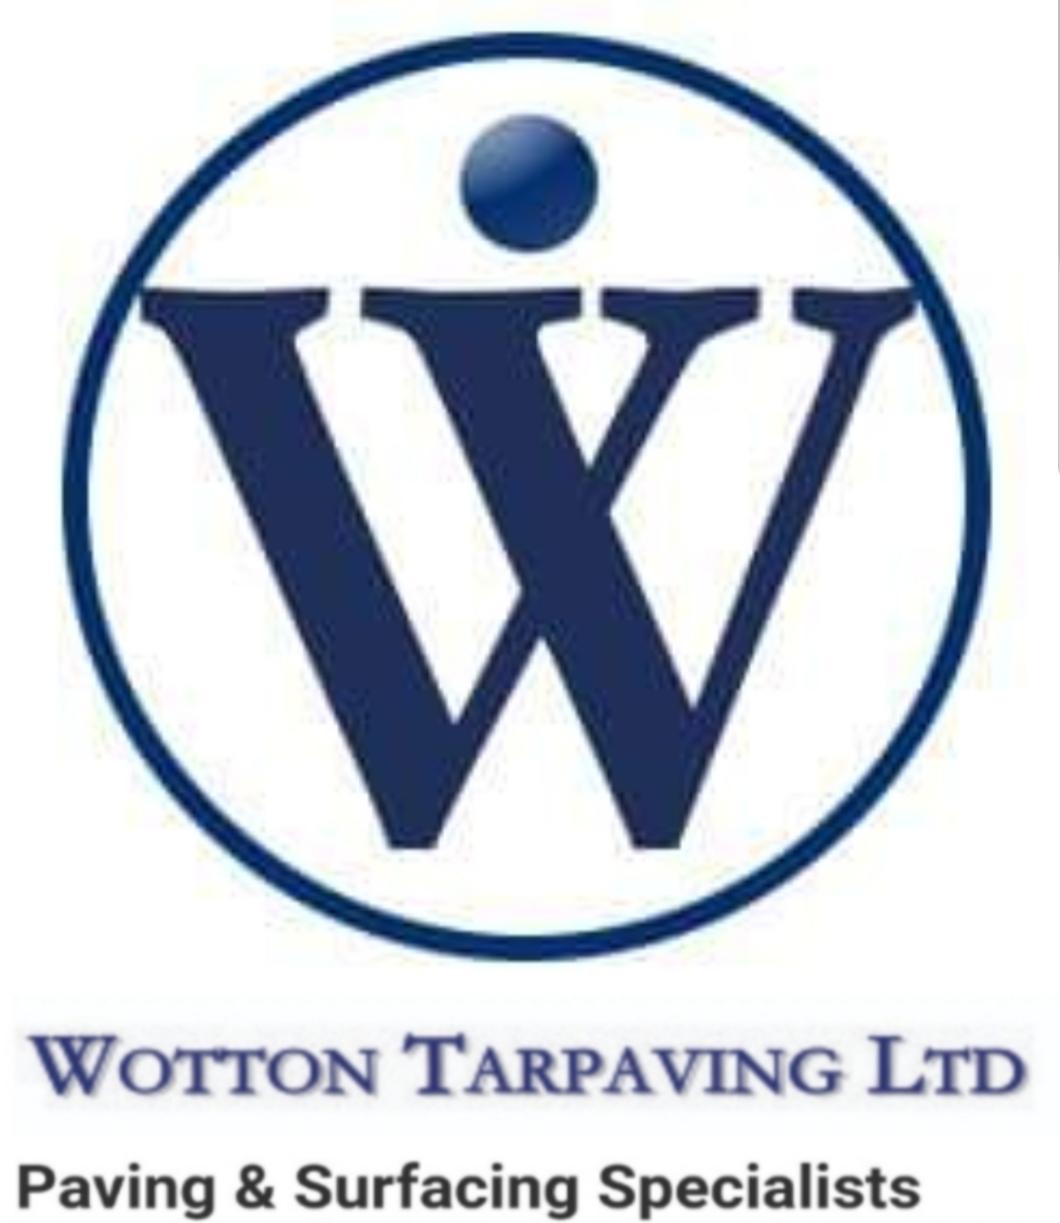 Wotton Tarpaving